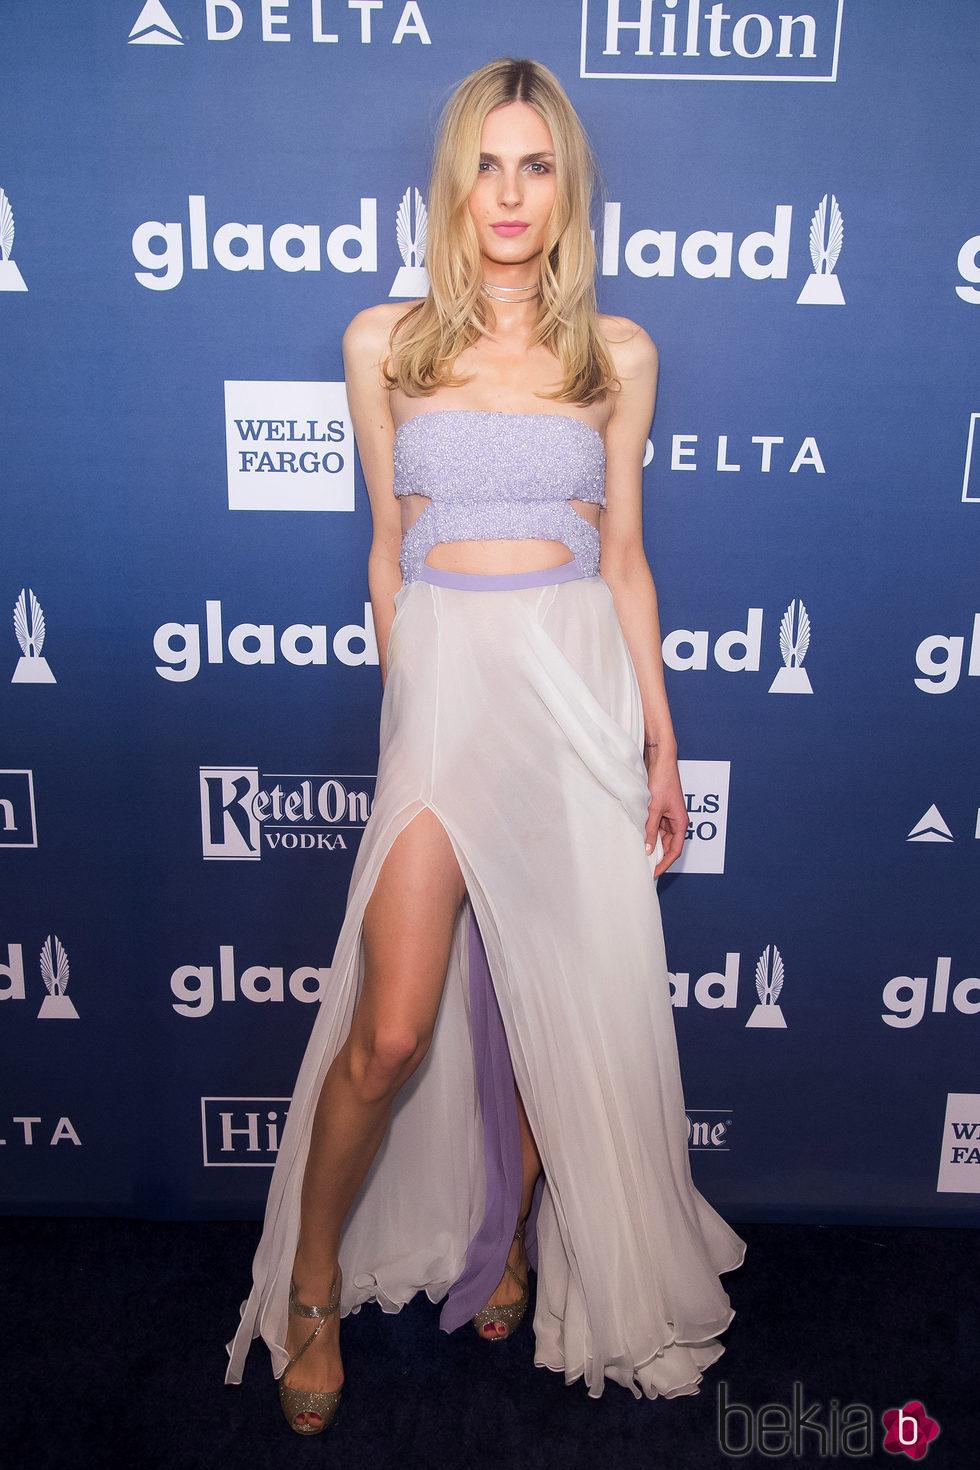 Andreja Pejic en GLAAD Media Awards 2016